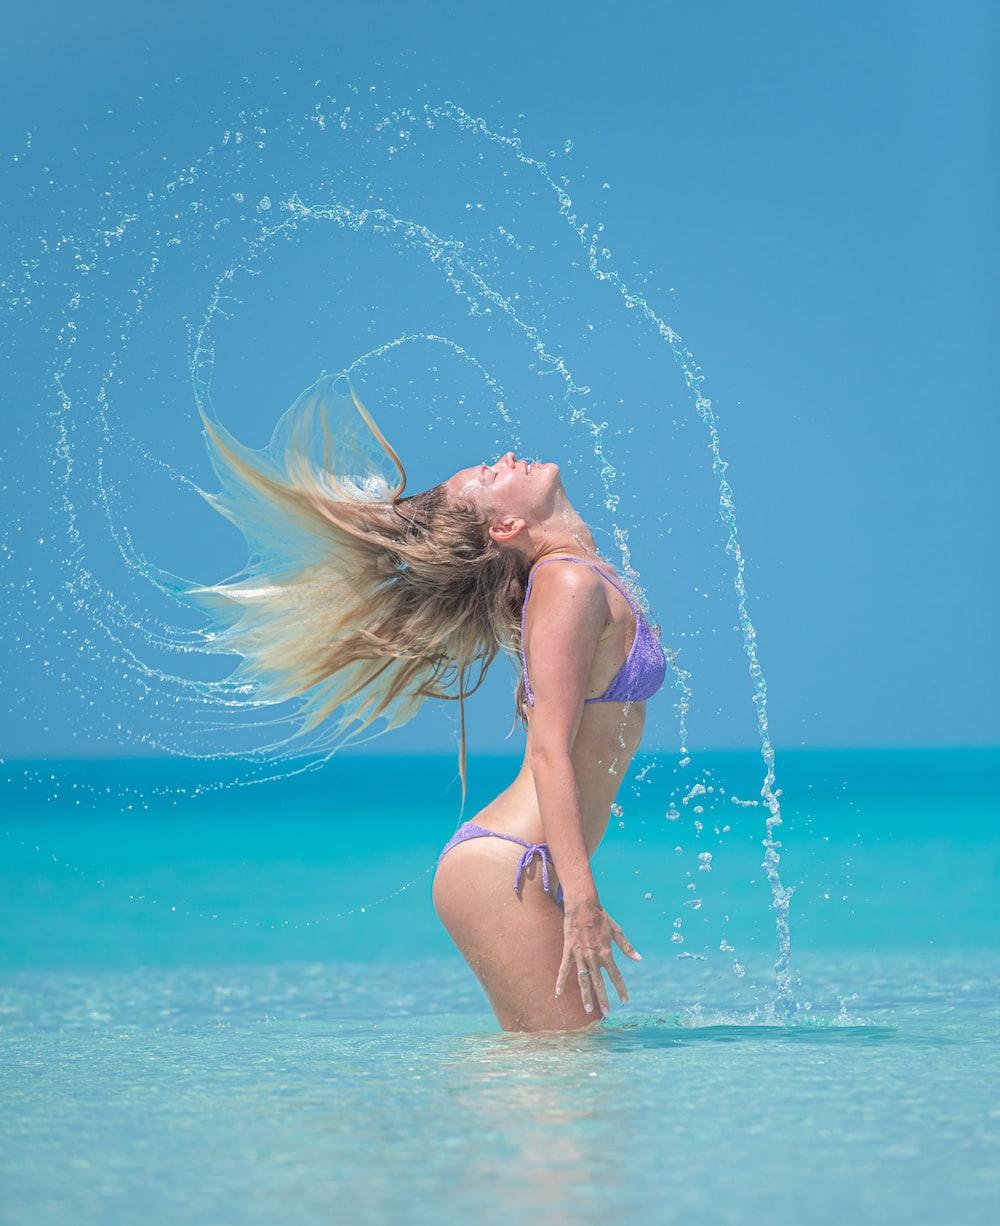 woman in blue bikini on water